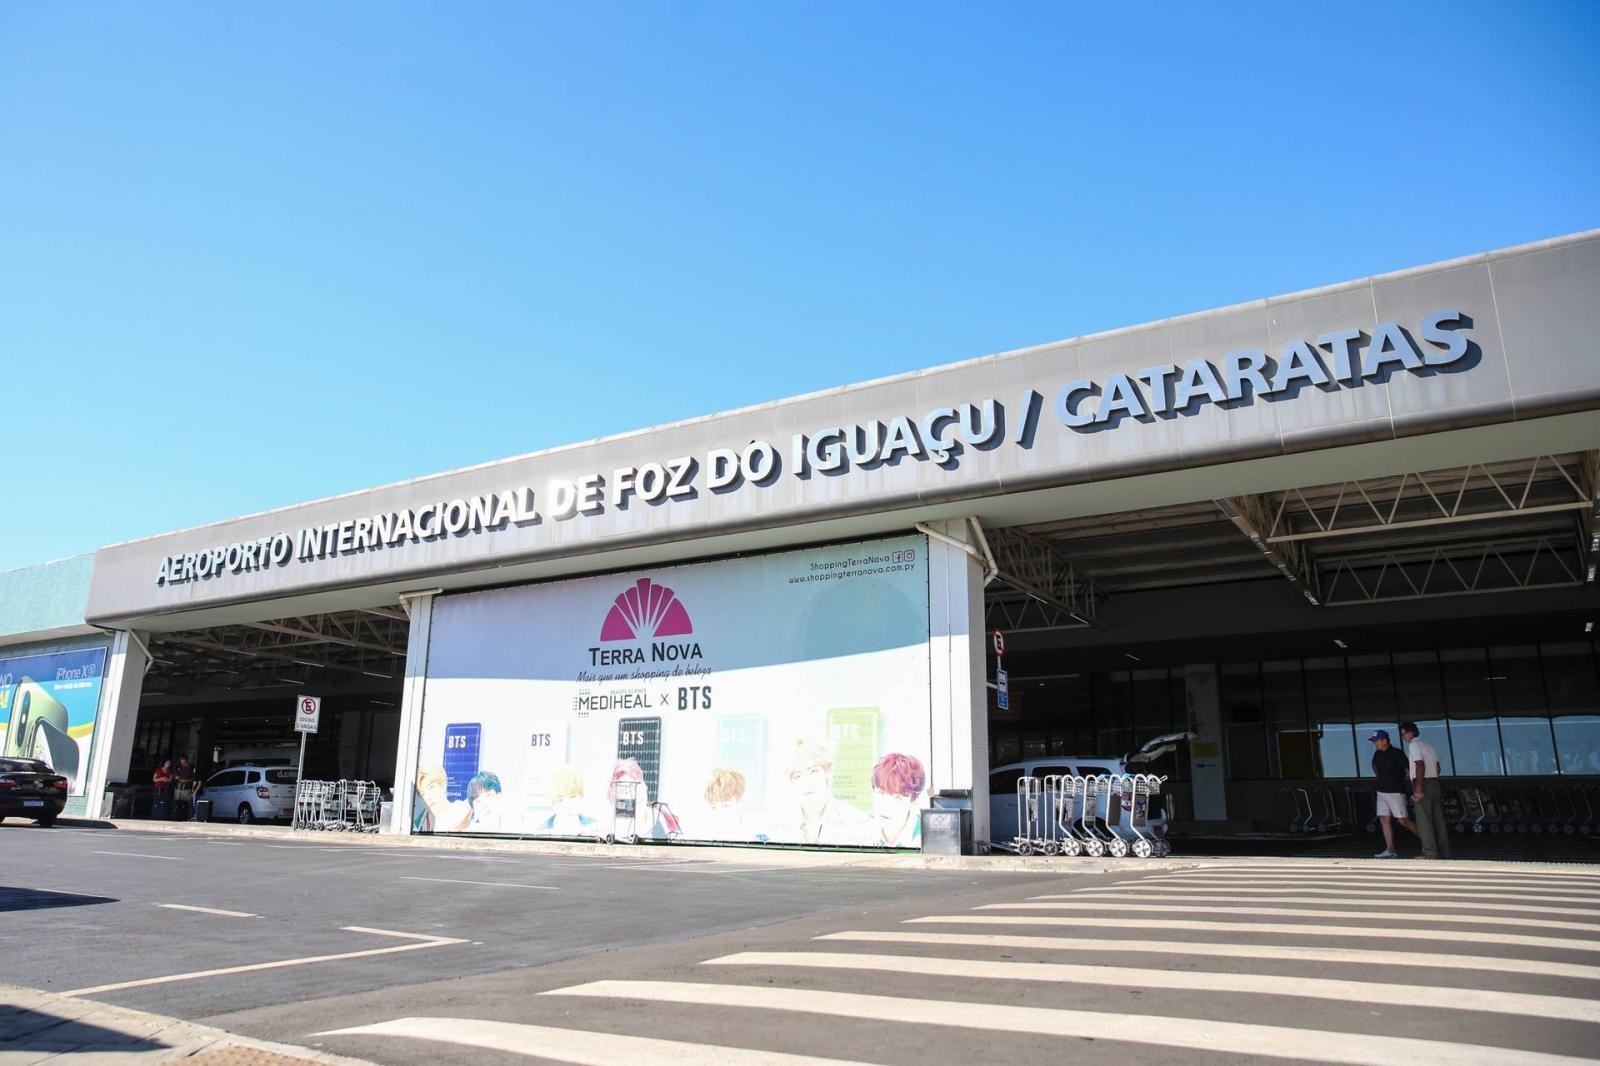 Quatro aeroportos paranaenses serão leiloados; veja o que muda